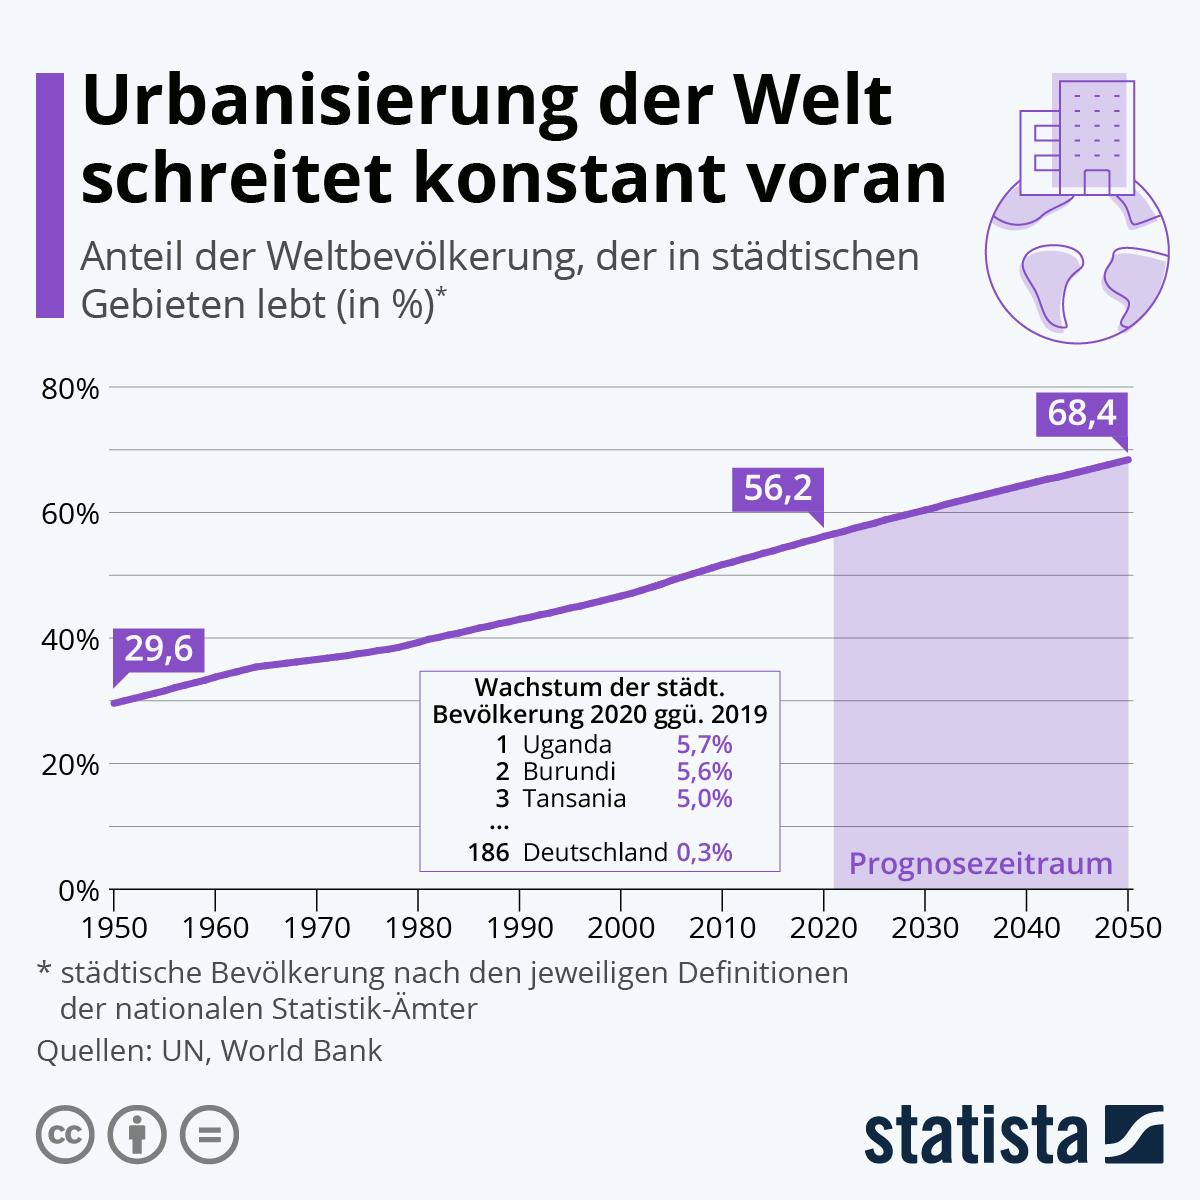 Urbanisierung der Welt schreitet konstant voran | Statista